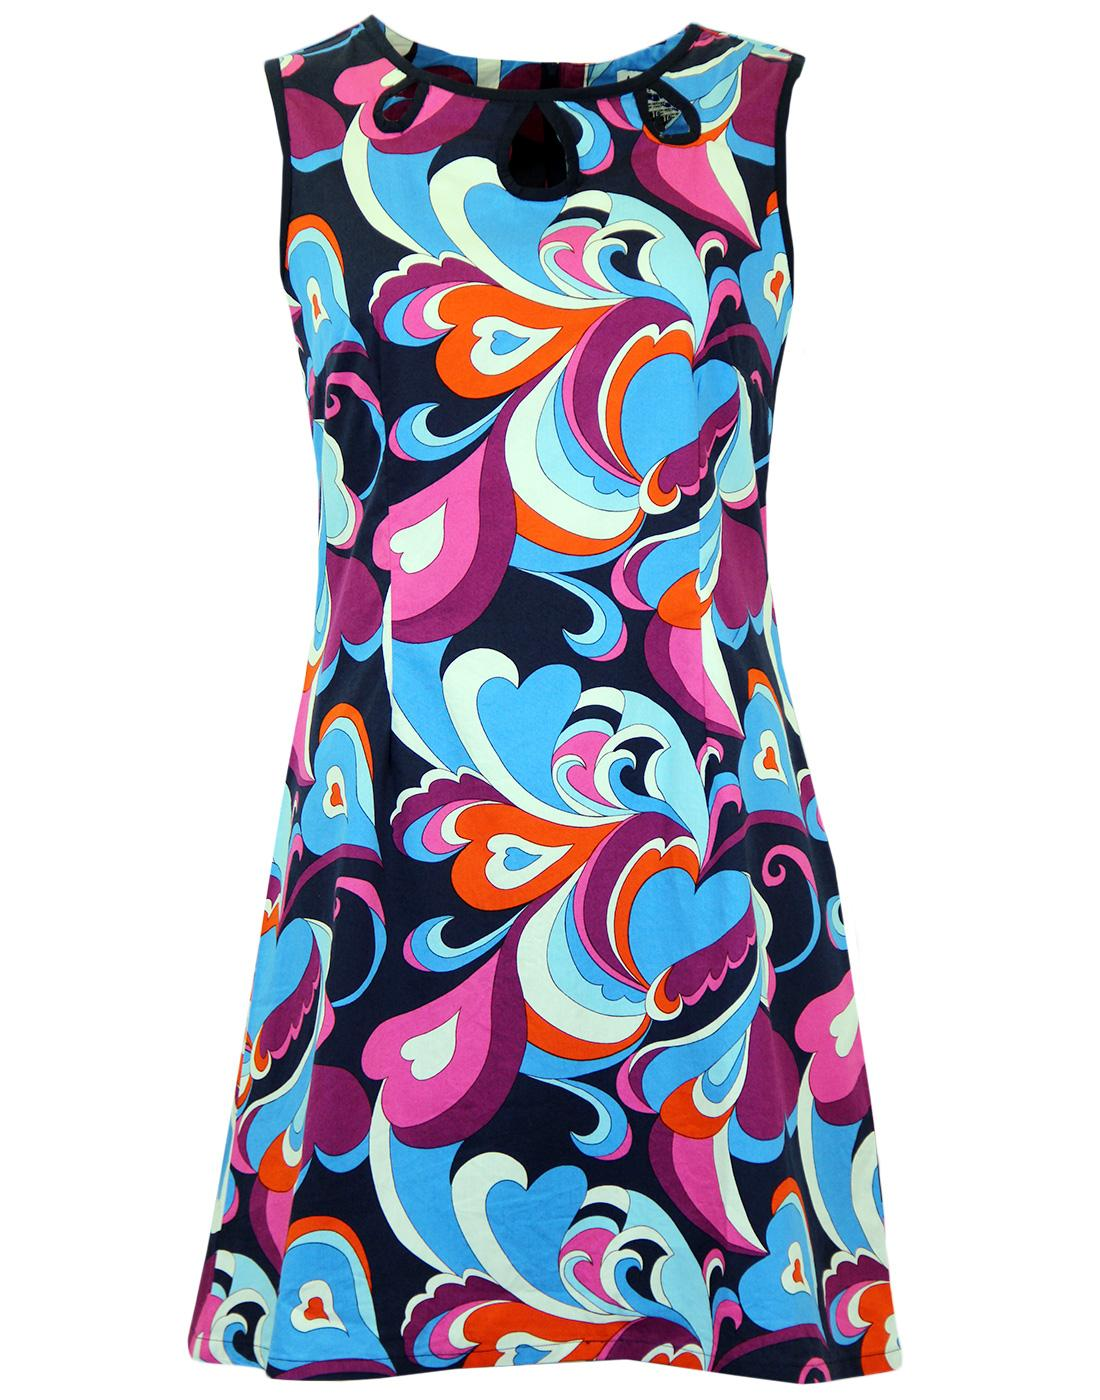 Lazy Daisy Paisley MADCAP ENGLAND Retro Mod Dress